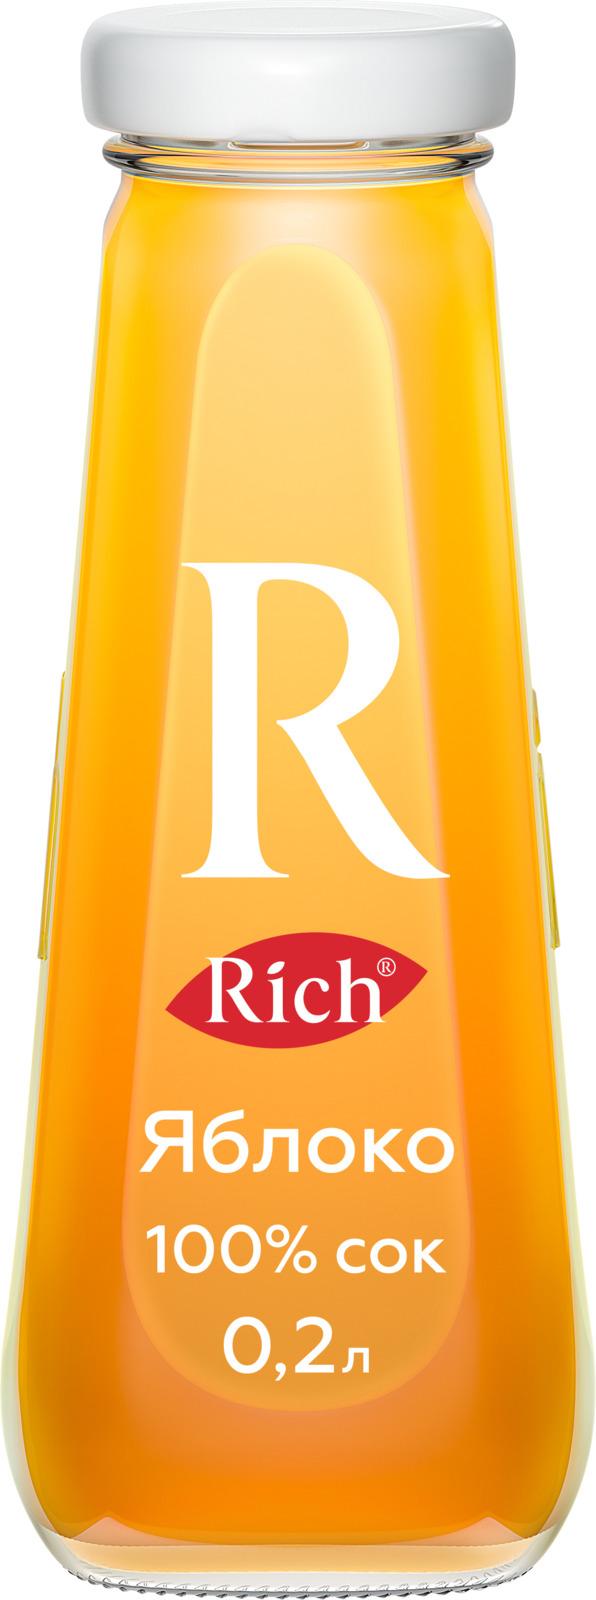 Сок Rich Яблочный, 12 штук по 200 мл